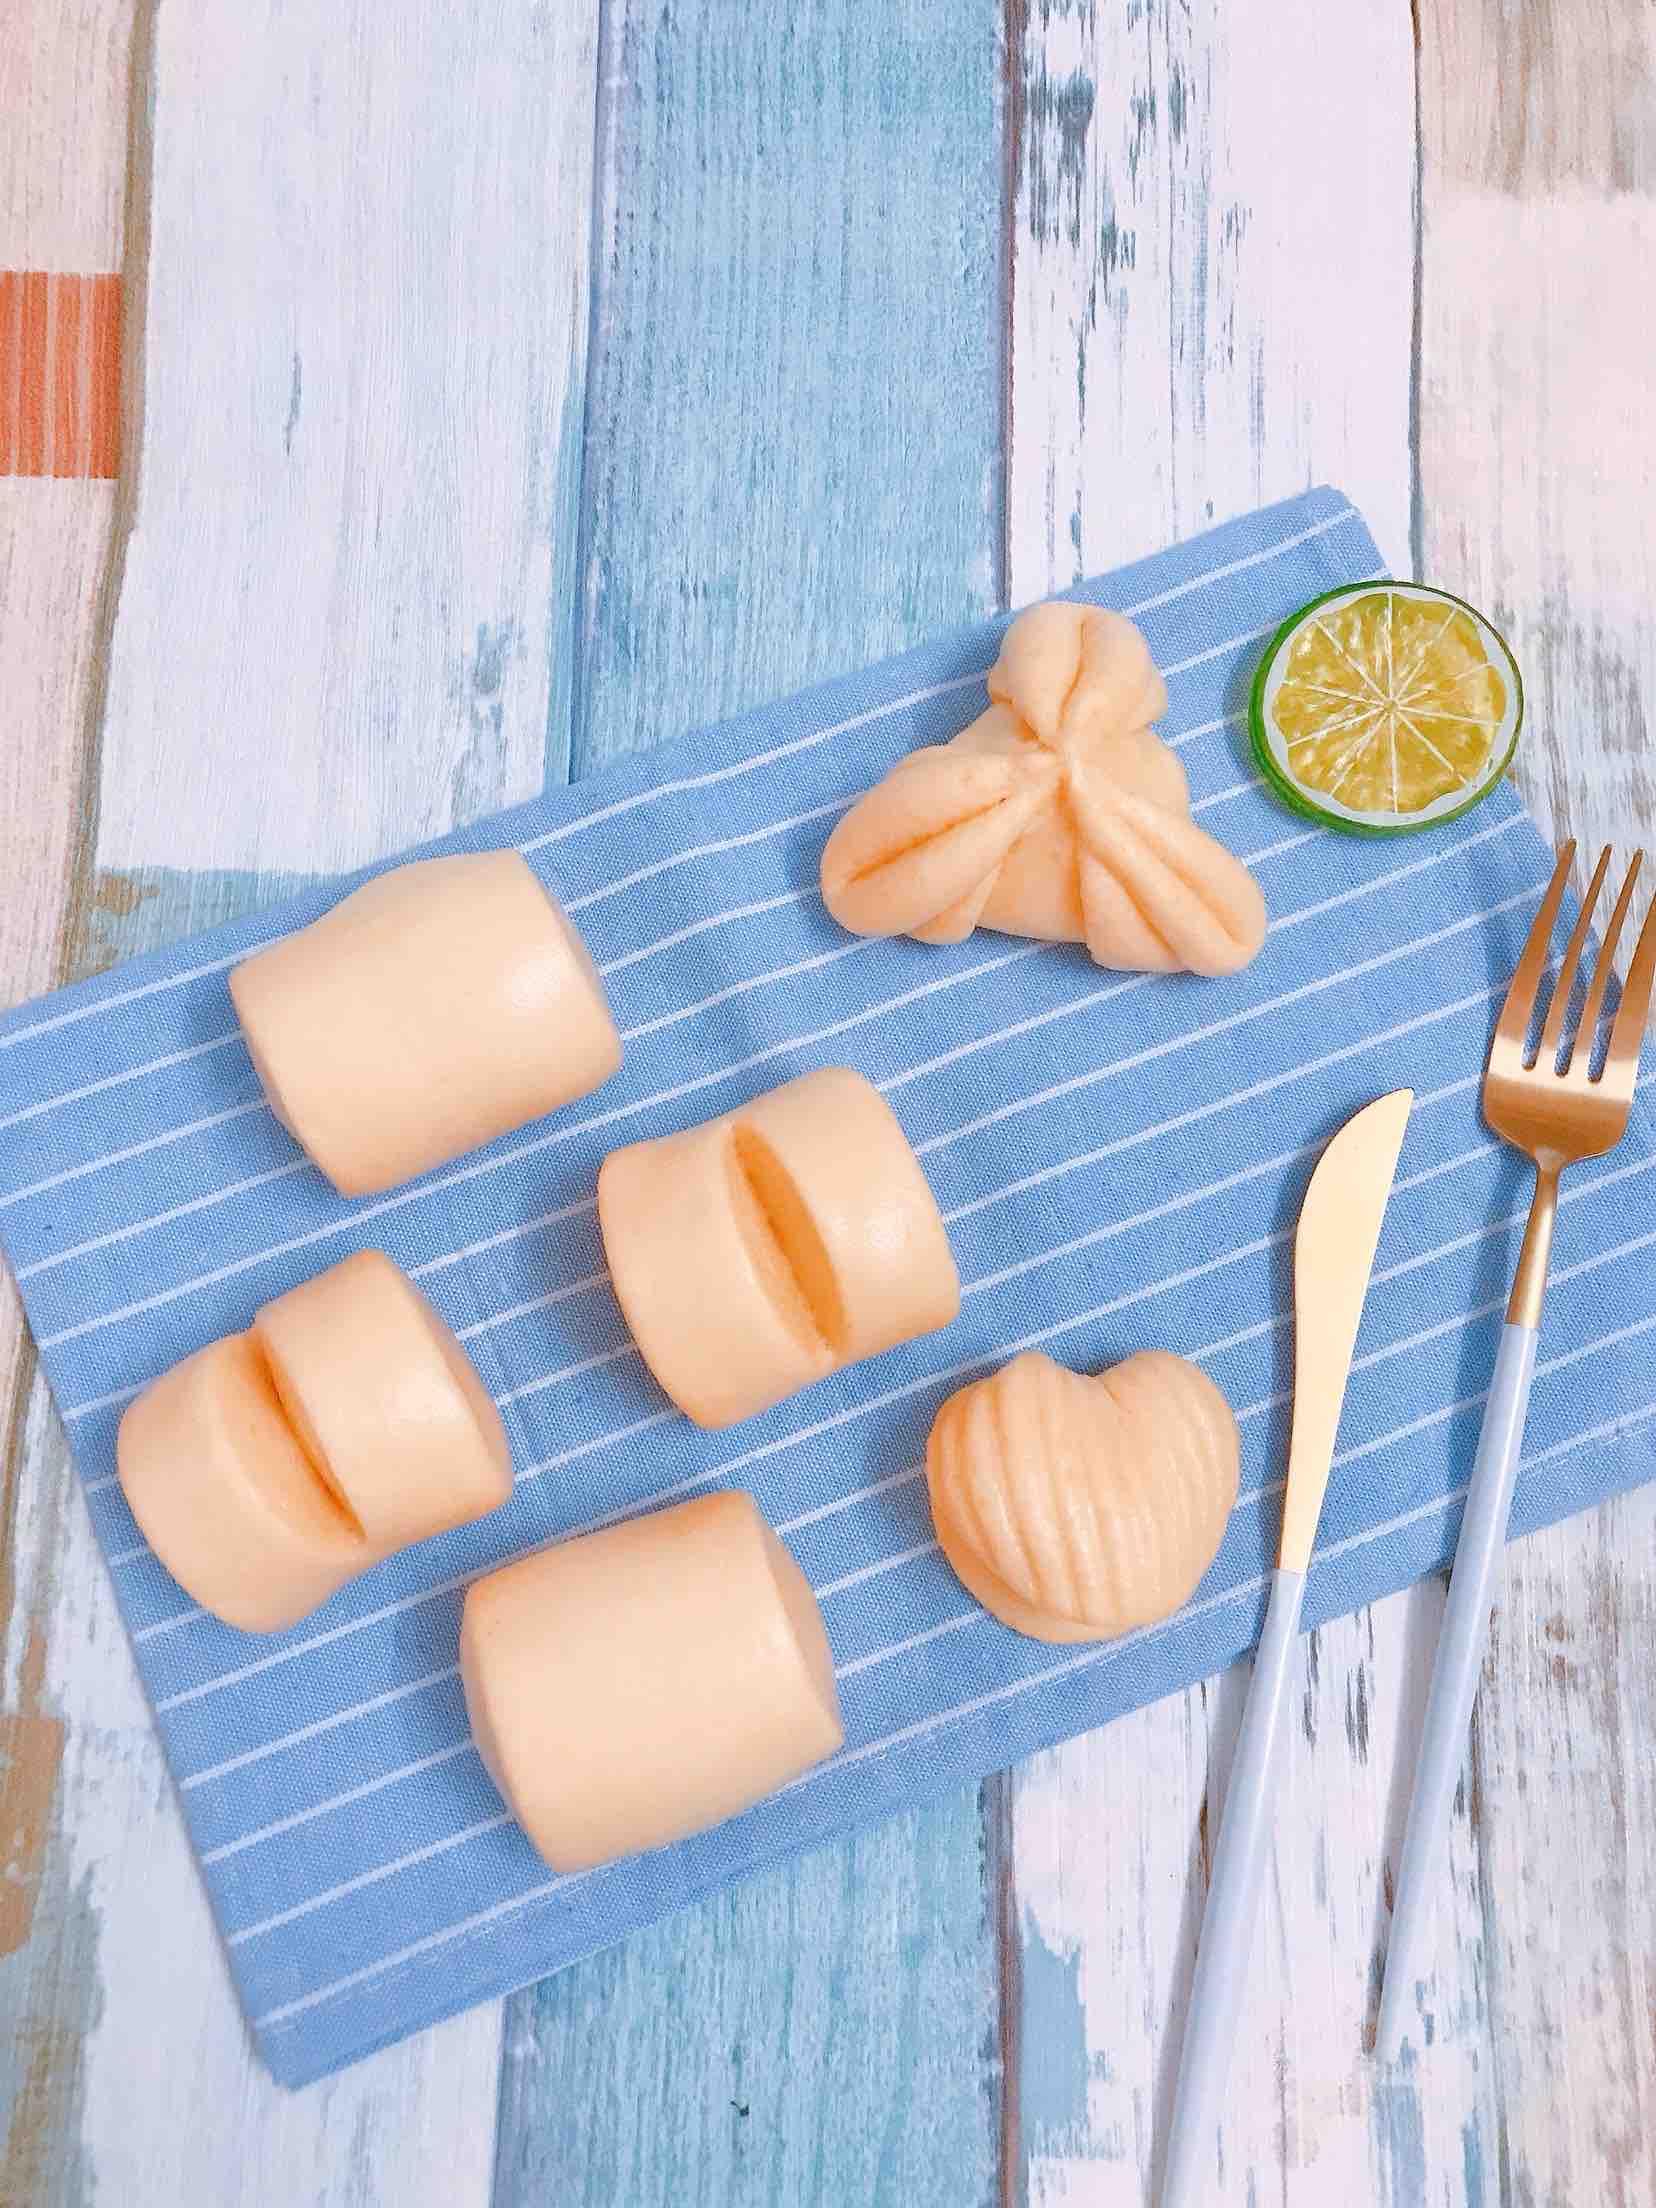 刀切红薯小馒头的做法